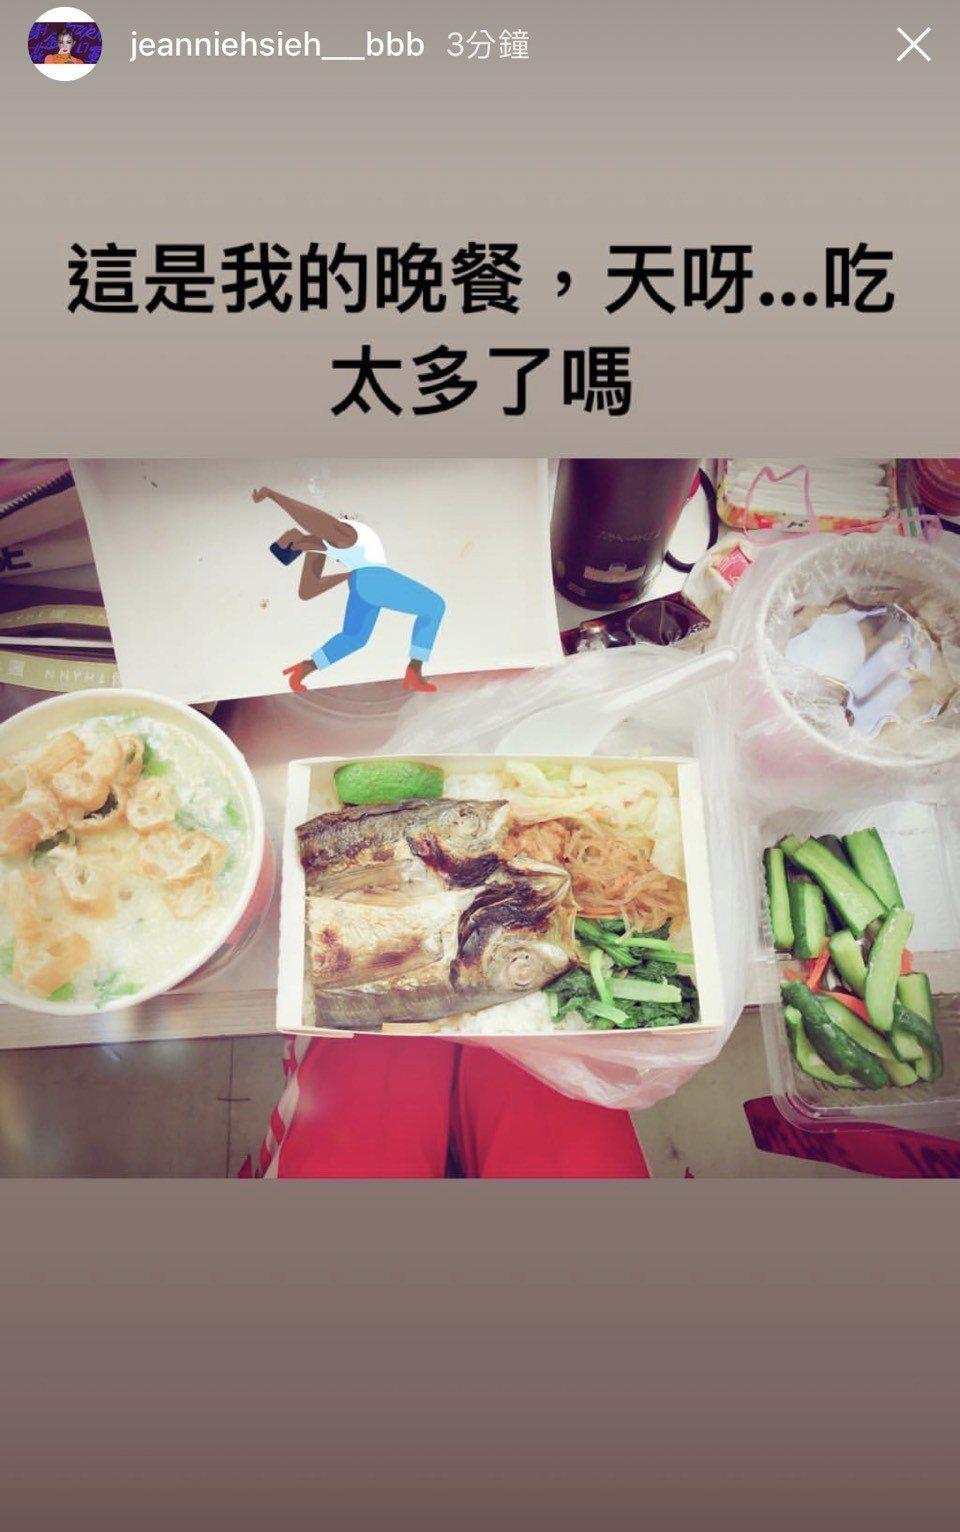 謝金燕公布晚餐菜色。圖/摘自謝金燕IG